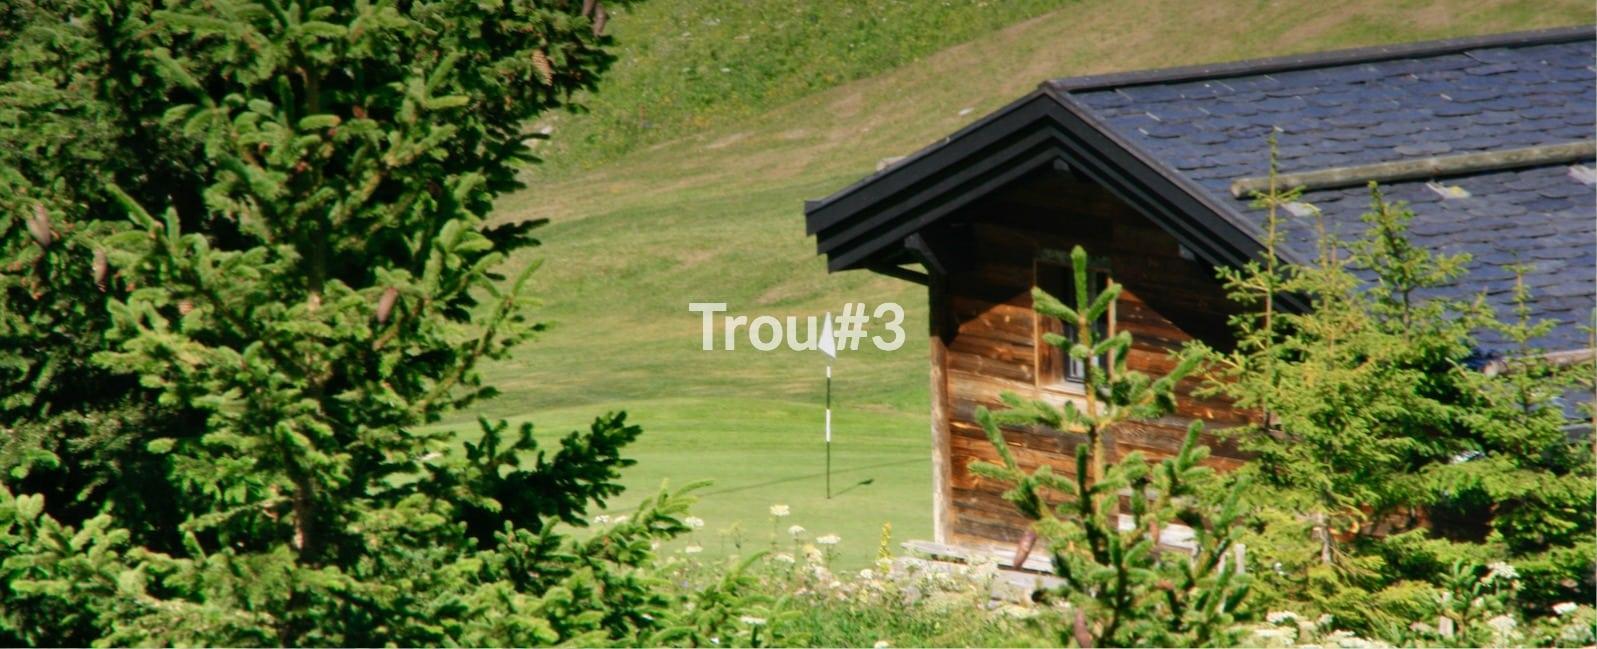 Golf Club de Courchevel | Petit chalet sur le trou 3